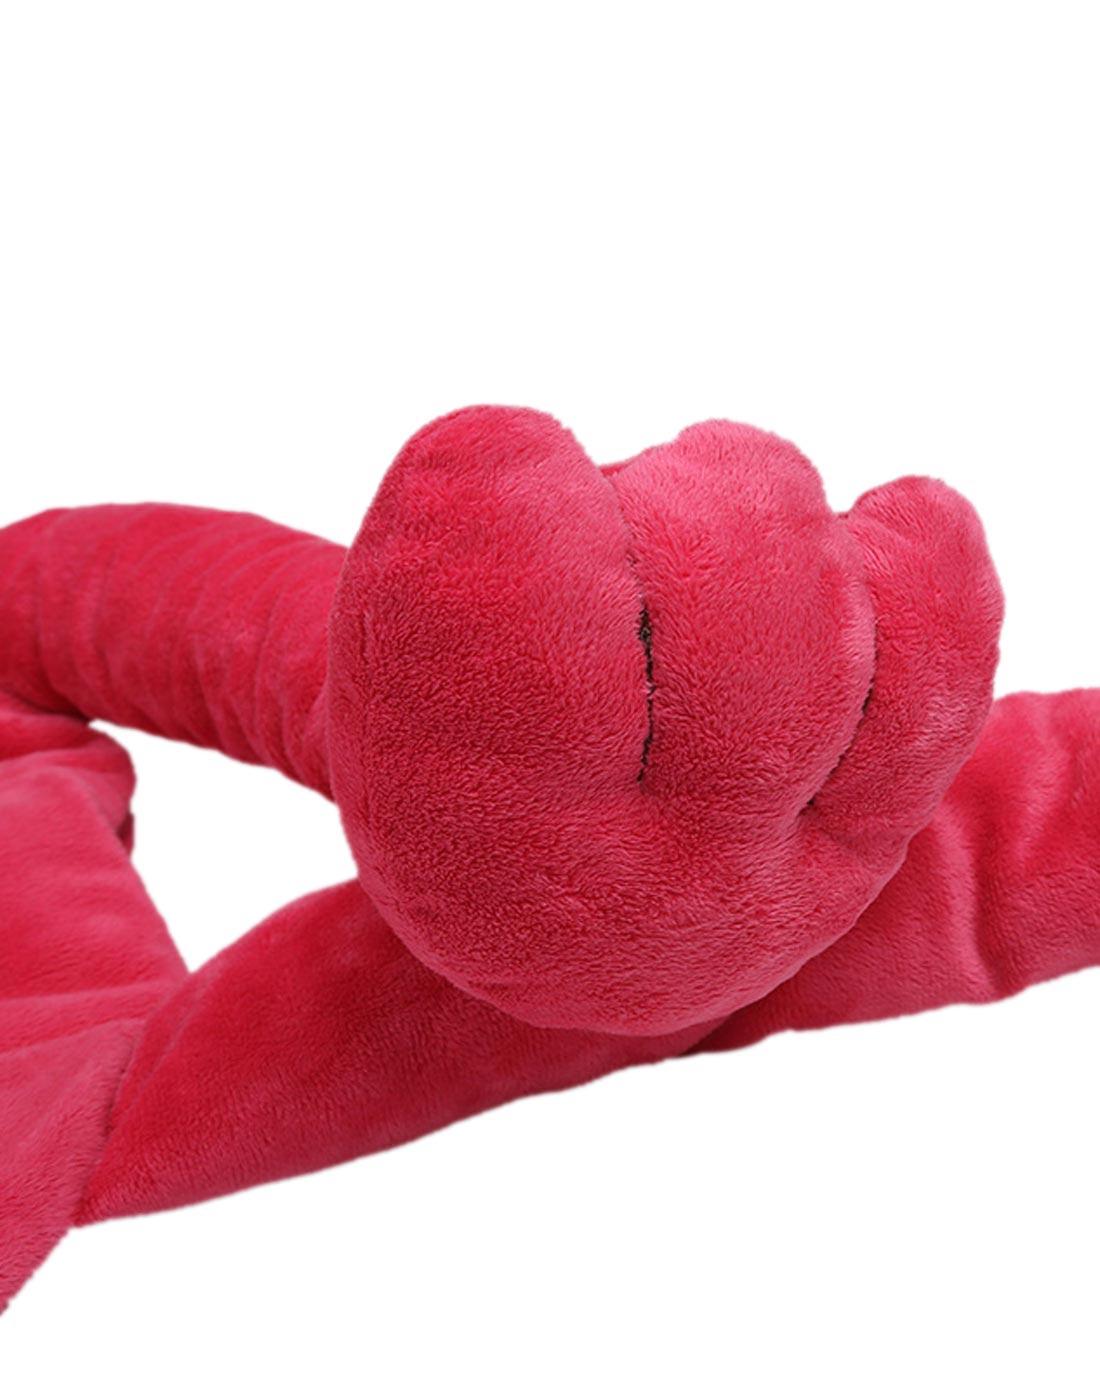 中性玫红色可爱小象宝宝绒恒温睡袋